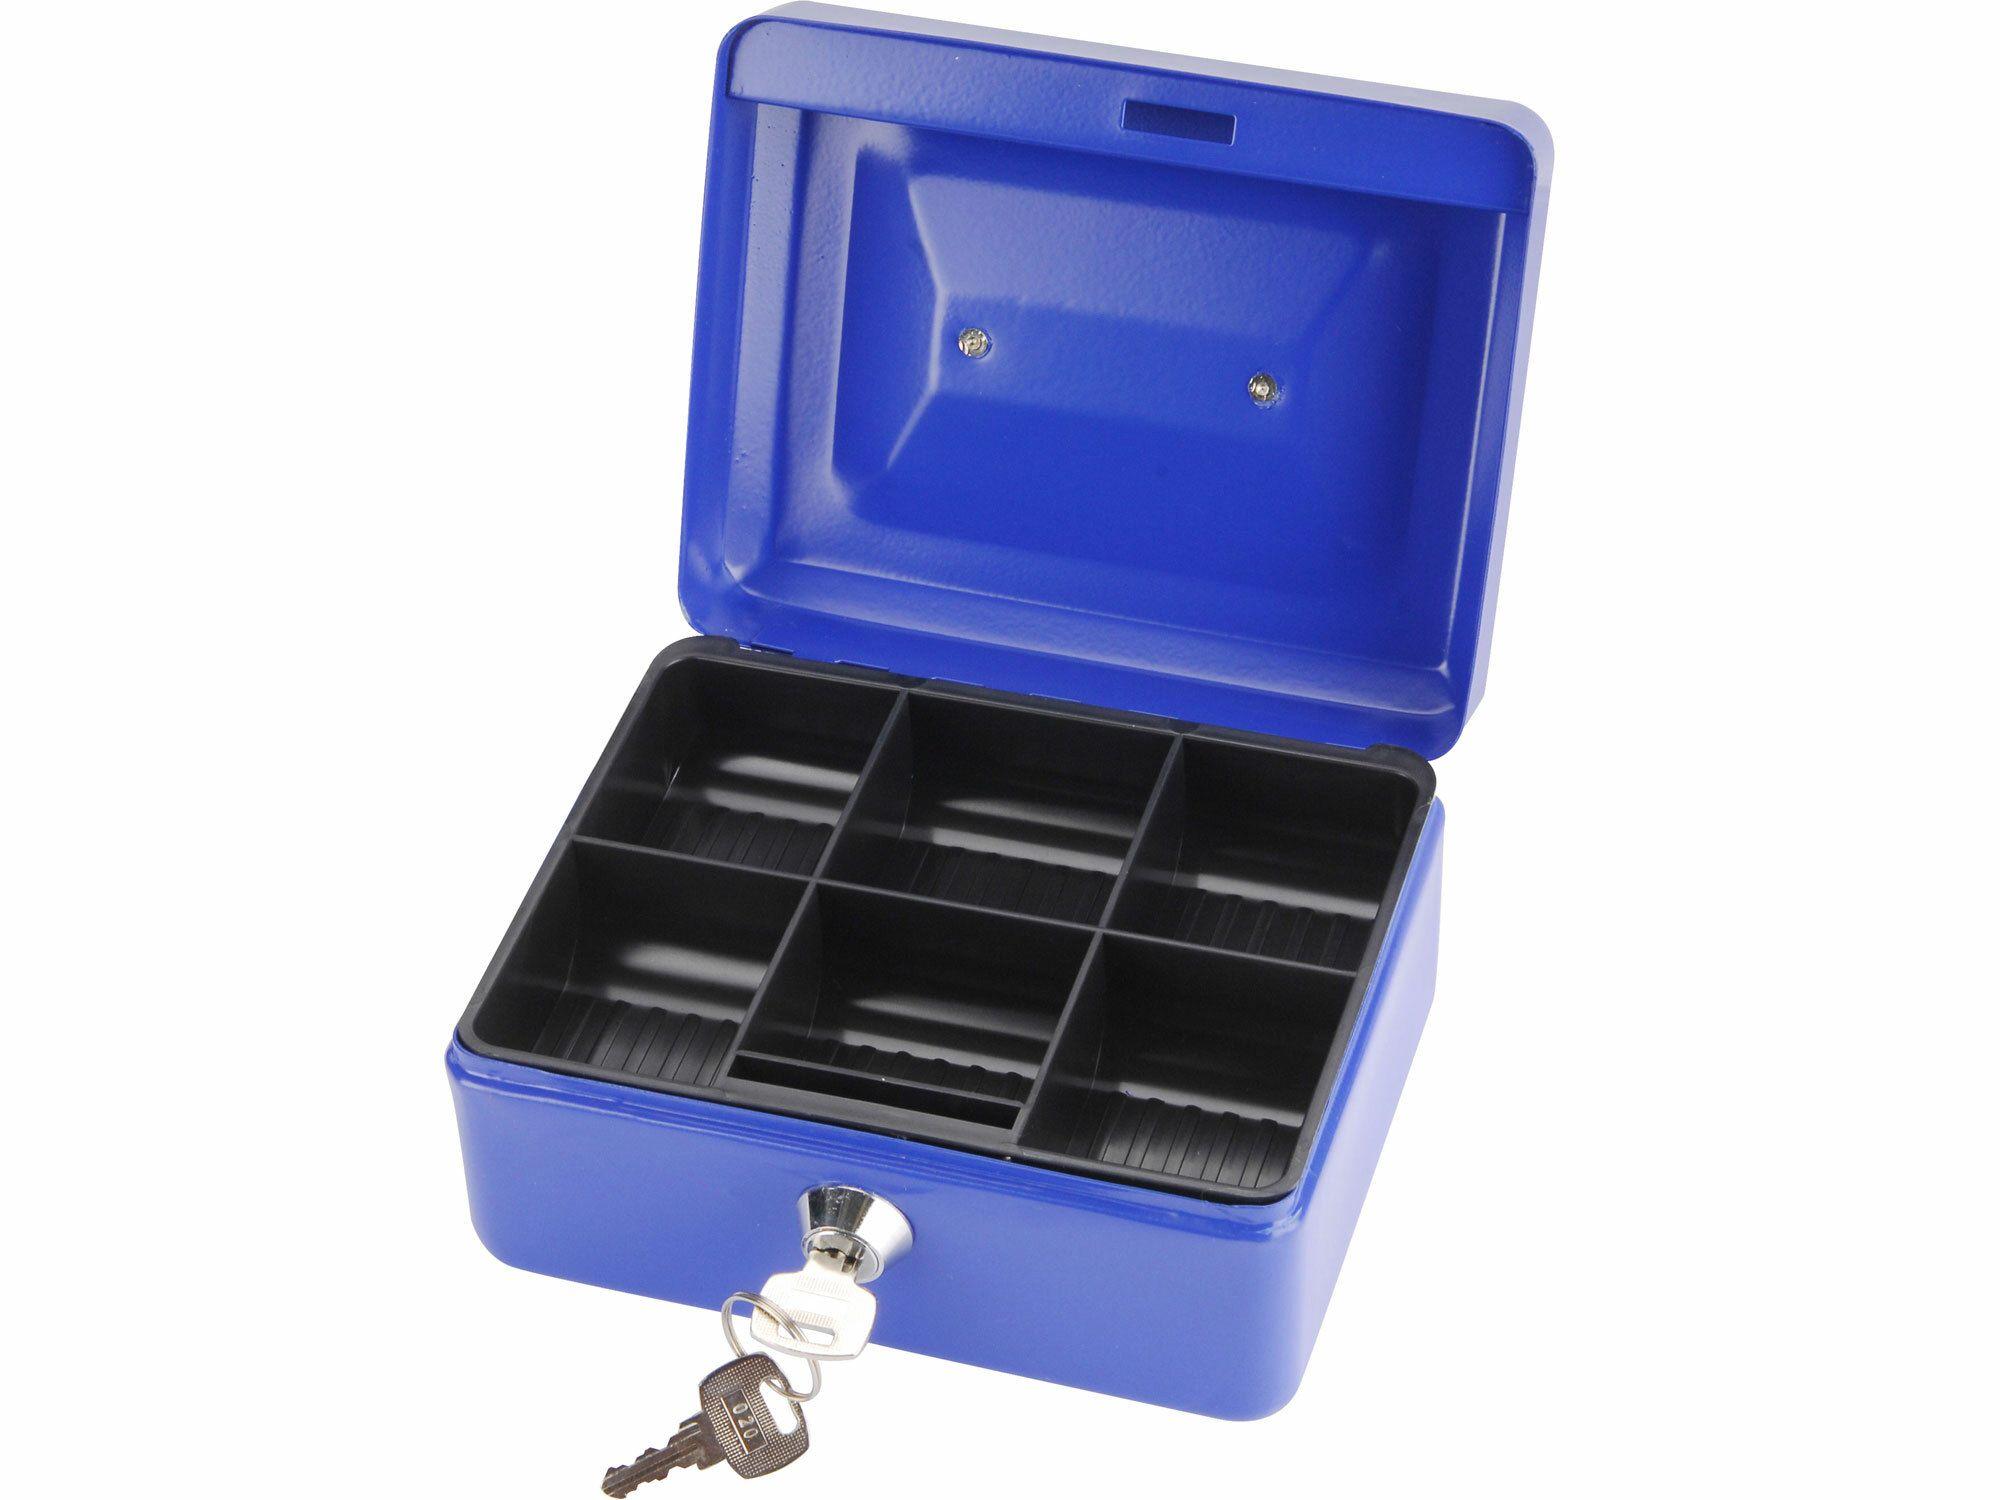 Schránka na peníze přenosná s pořadačem, 152x118x80mm, 2 klíče EXTOL-CRAFT